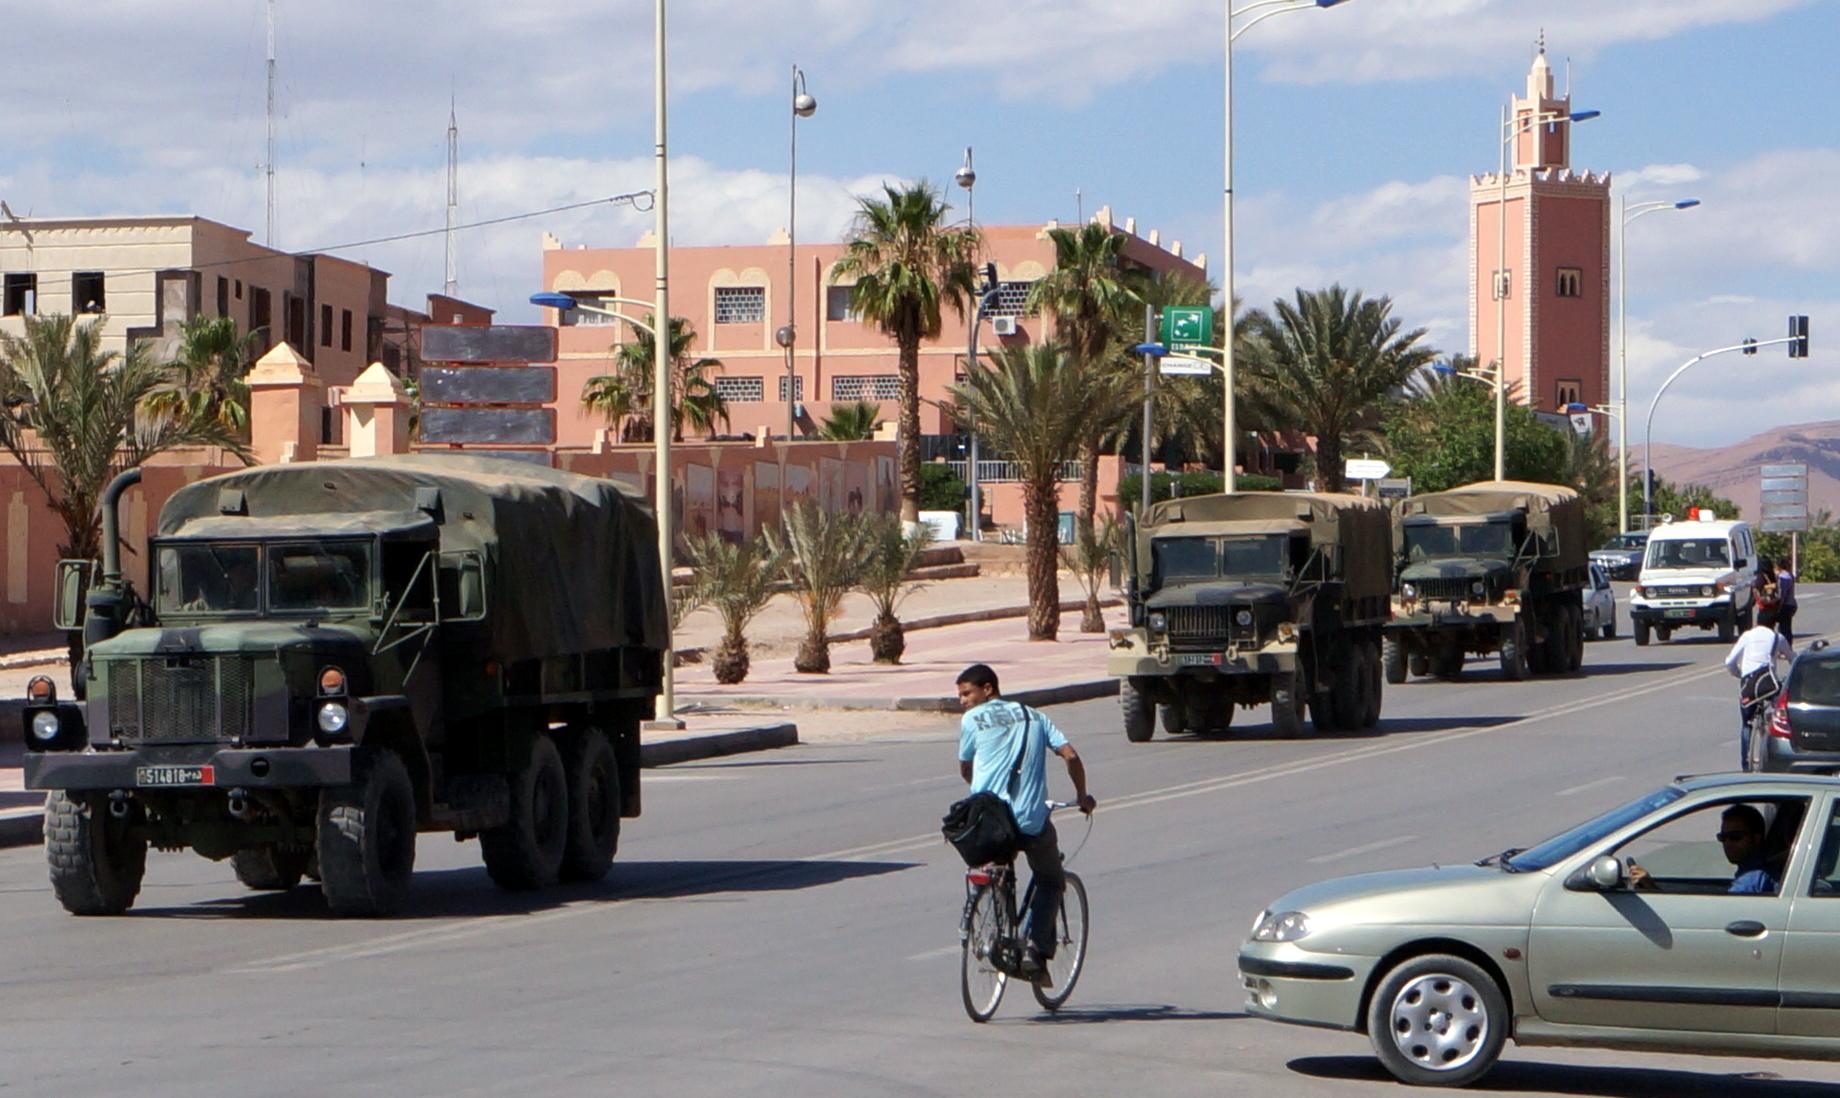 Photos - Logistique et Camions / Logistics and Trucks - Page 4 150805014347249519